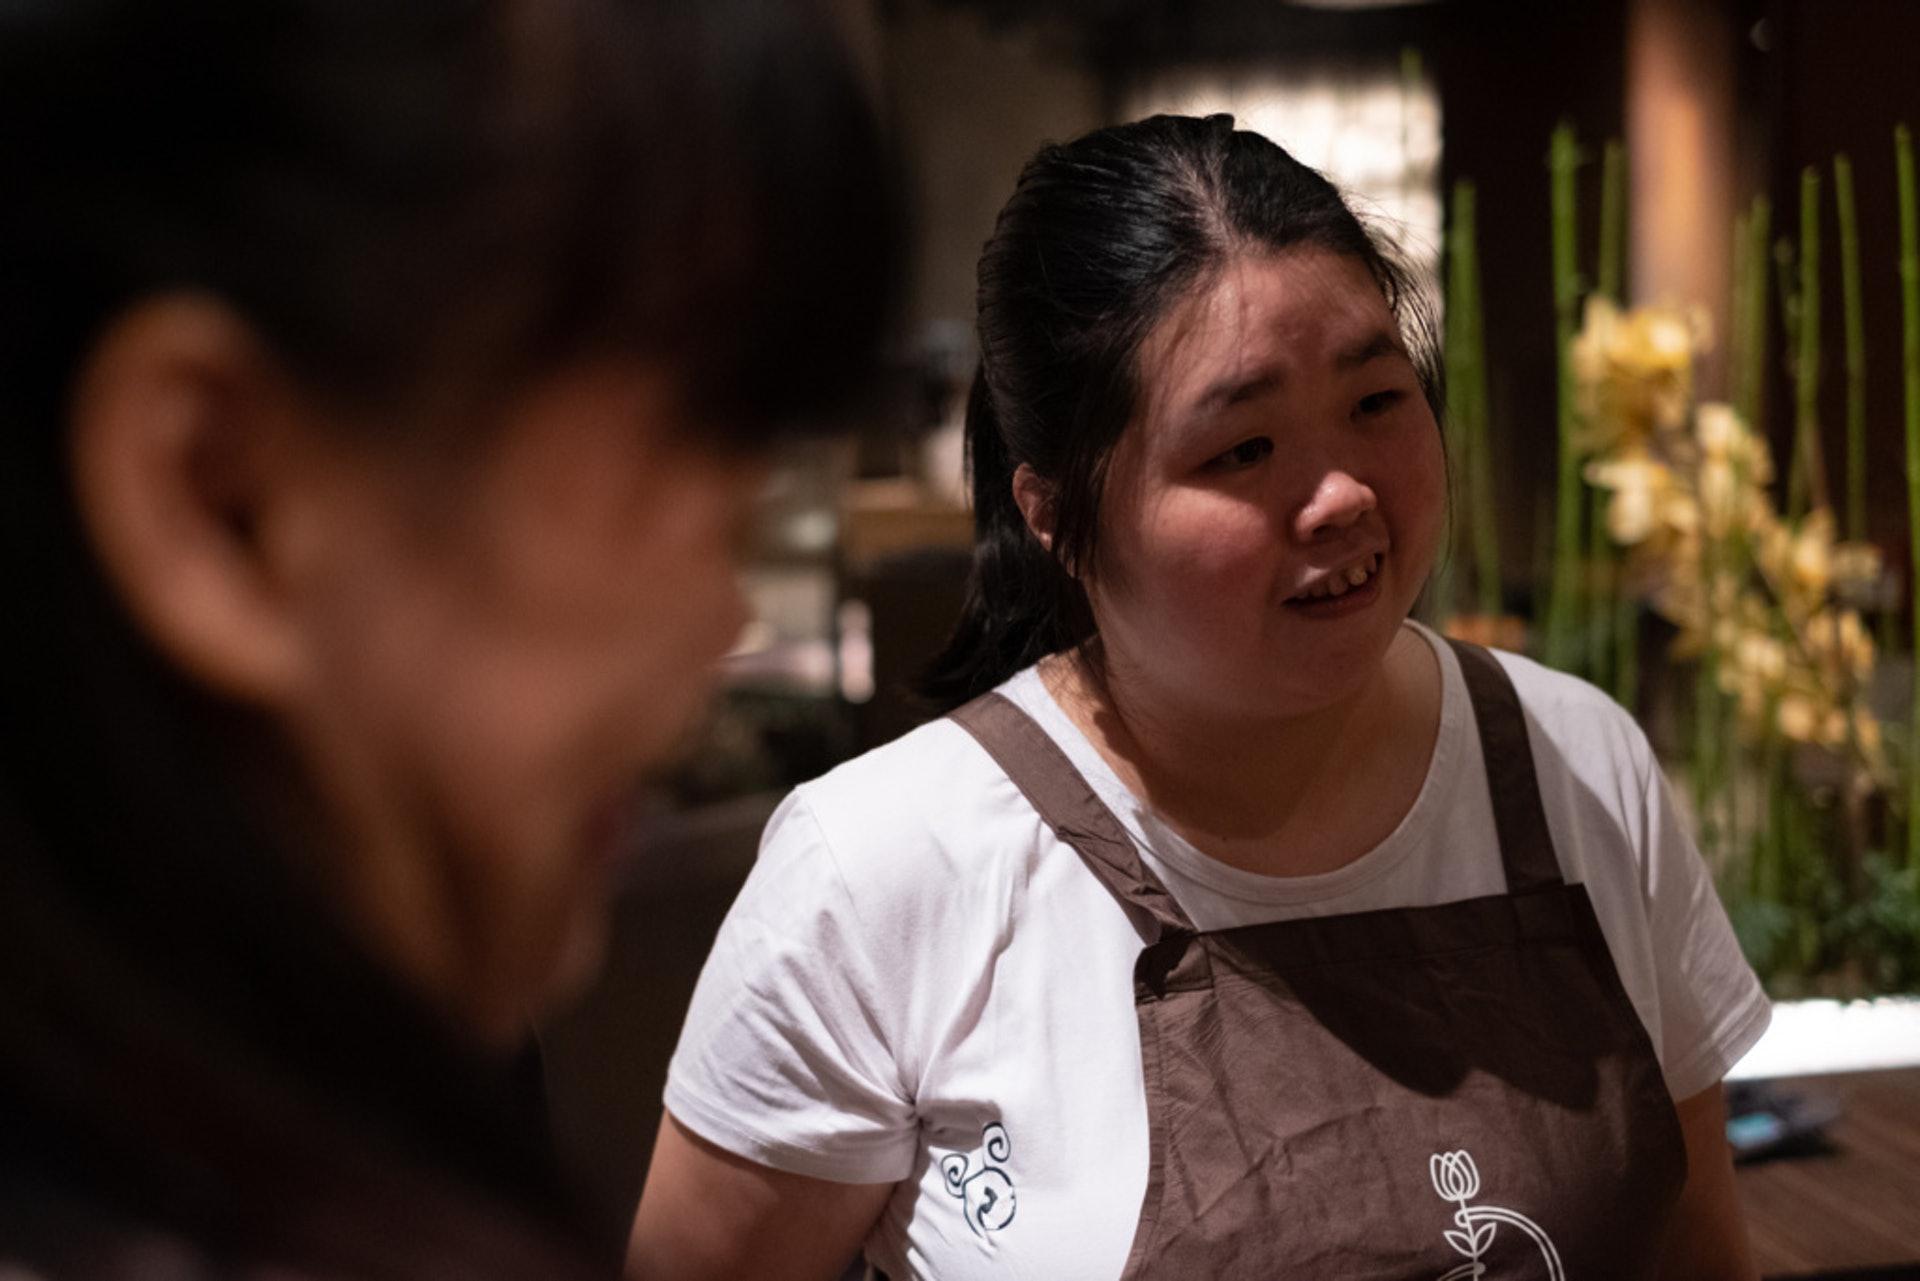 阿娟是馮玉玲於特殊學校畢業生招聘回來的,她對花藝有興趣,很投入其中。